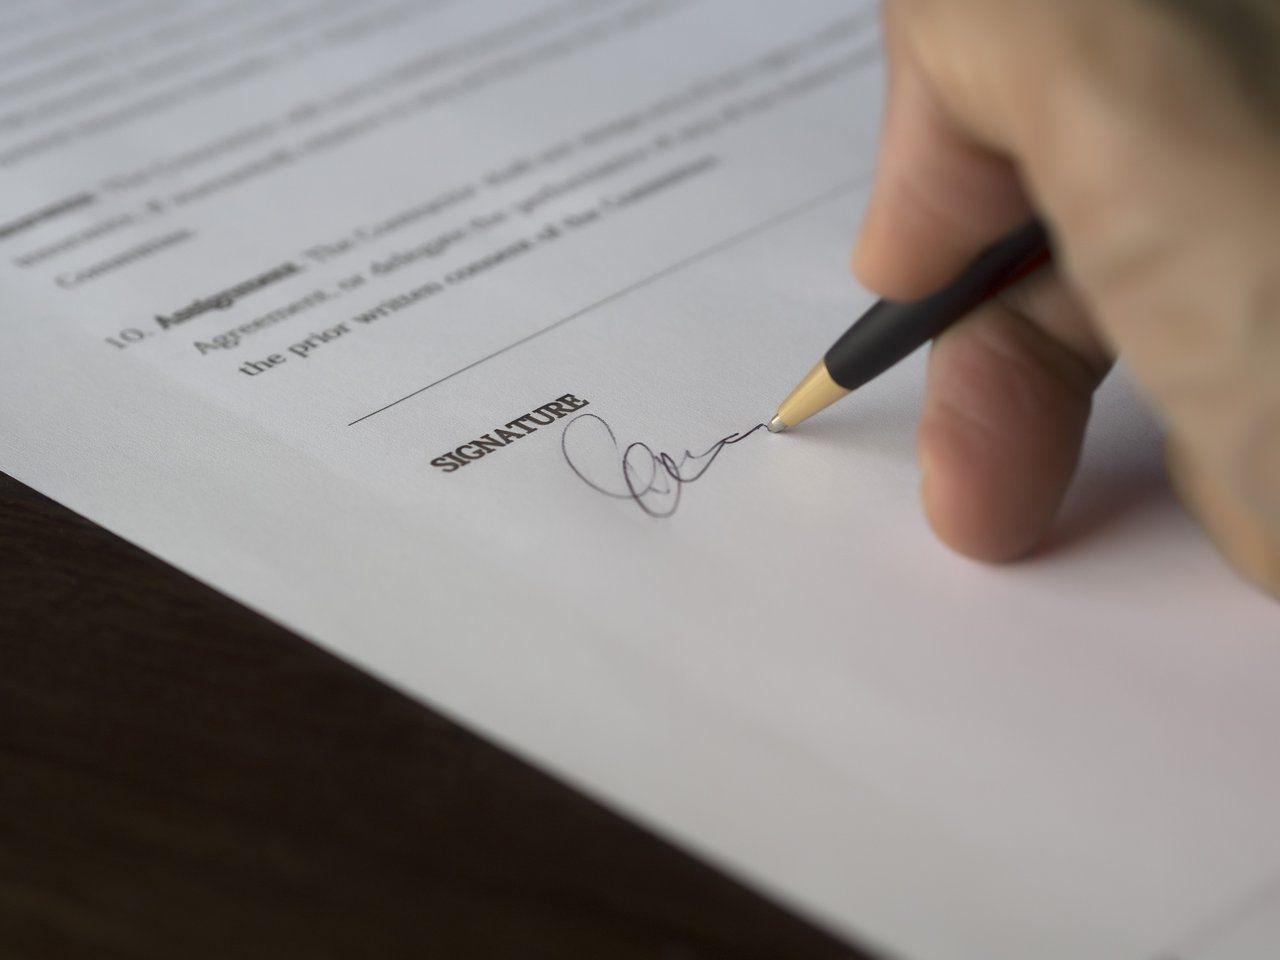 Mempermudah Urusan, Ini Contoh Surat Kuasa dan Cara Membuatnya